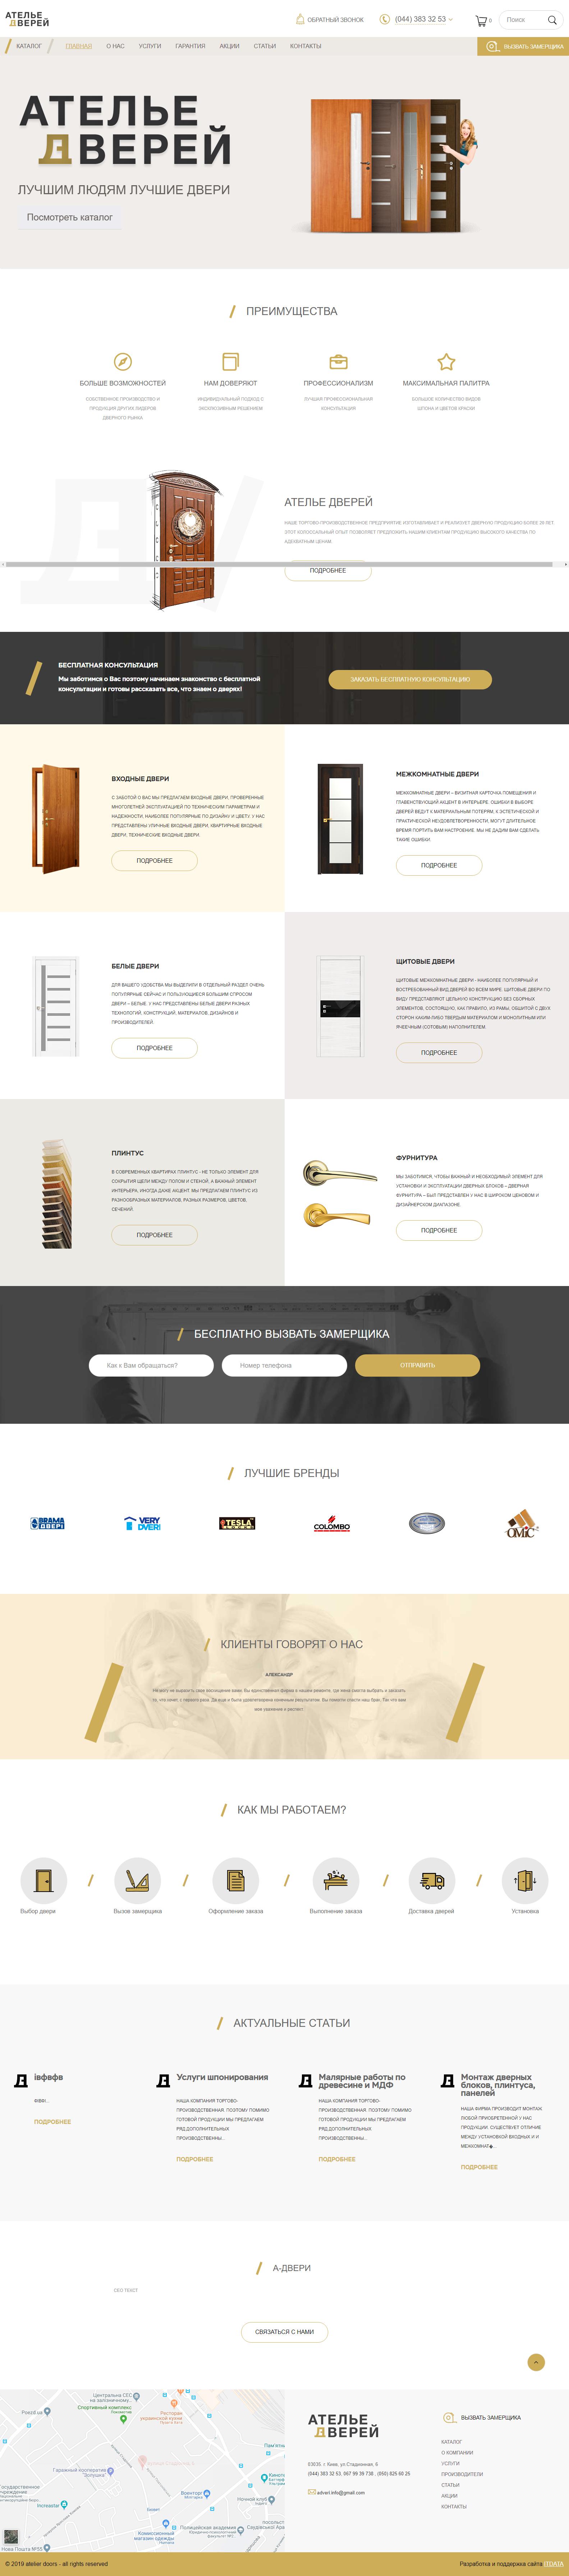 3223b81d8342 Фрилансер Евгения Посметьева • веб-программирование и дизайн сайтов ...